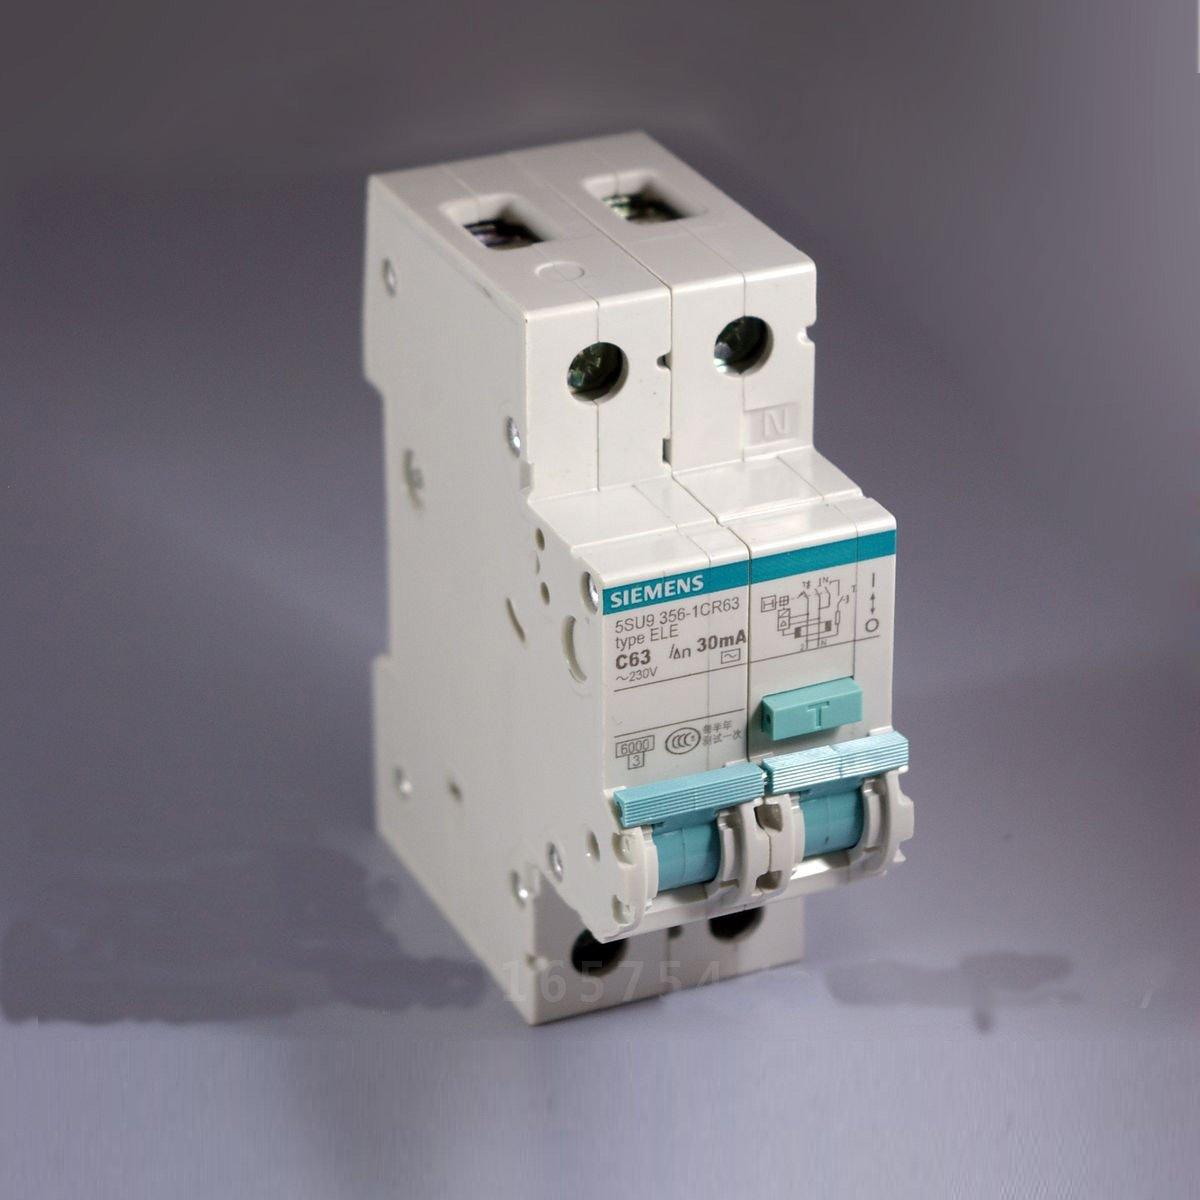 西门子 西门子漏电保护器家用漏电开关